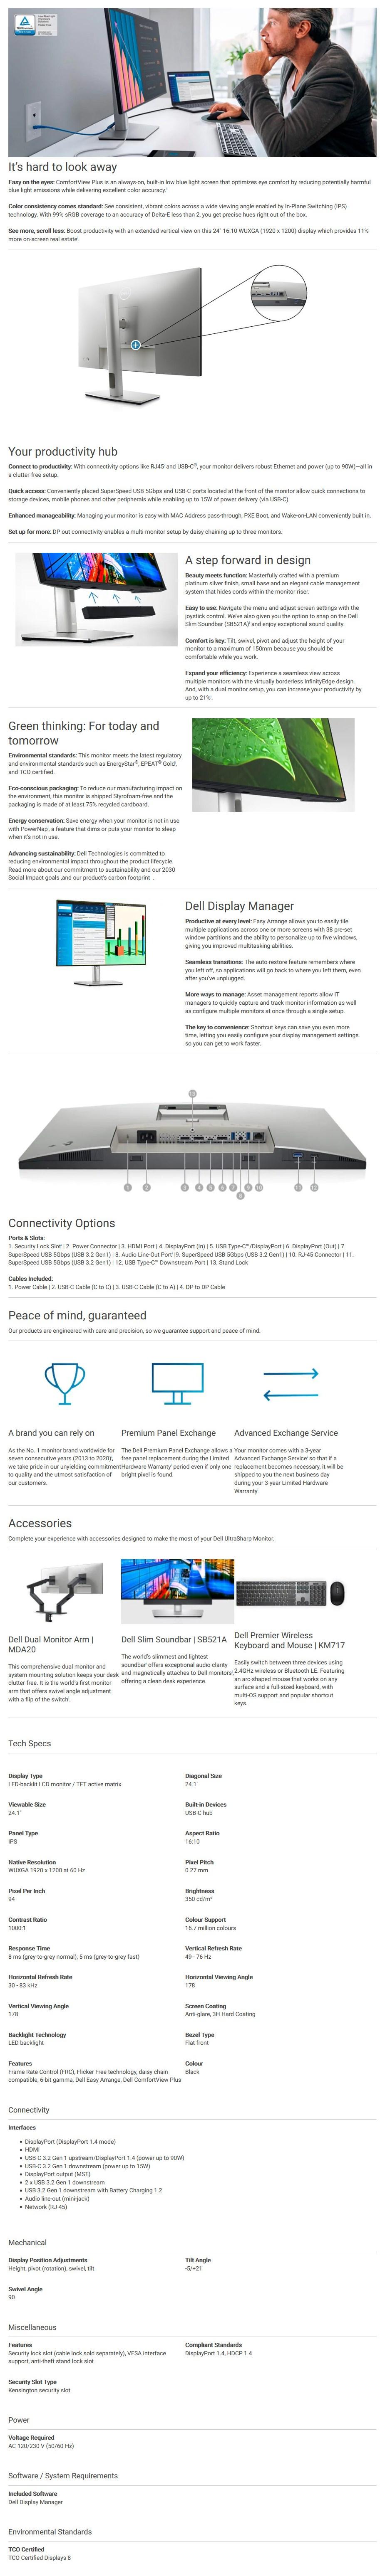 """Dell UltraSharp 24.1"""" 60Hz IPS LED Monitor - Overview 1 Desktop"""